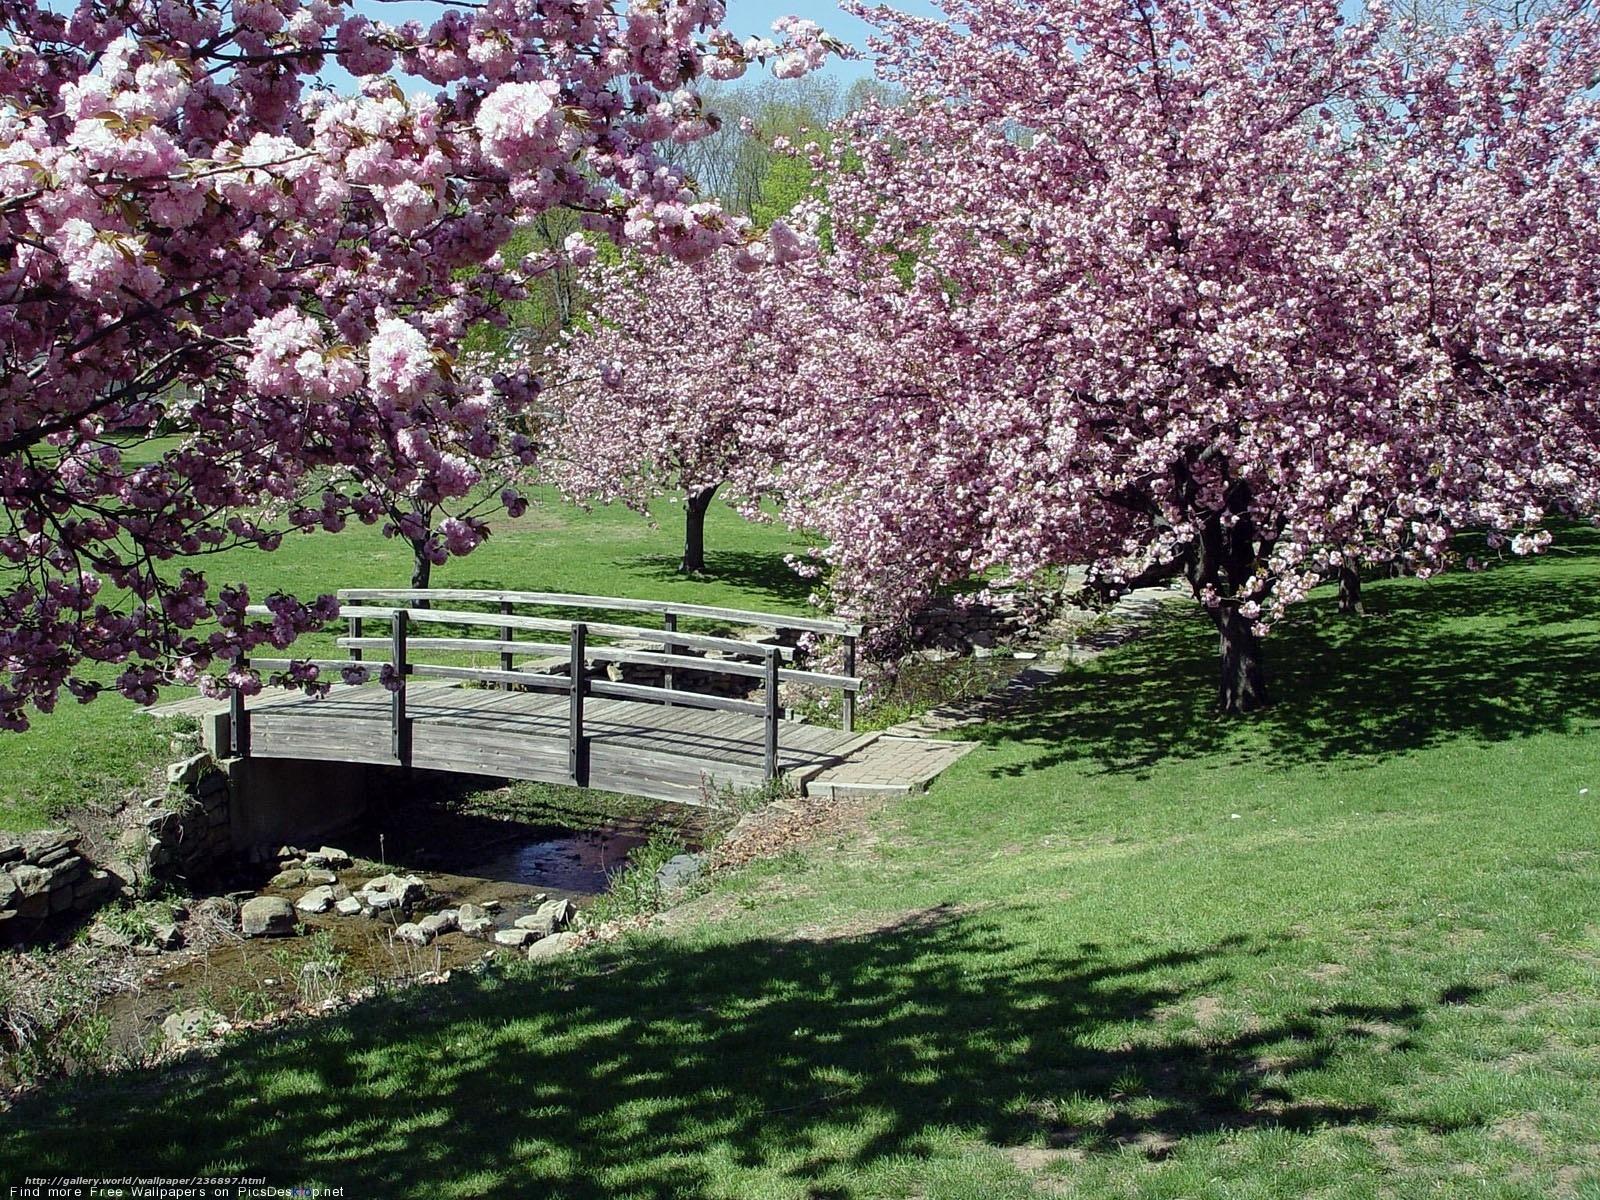 tlcharger fond d 39 ecran sakura pont fleurs printemps fonds d 39 ecran gratuits pour votre. Black Bedroom Furniture Sets. Home Design Ideas